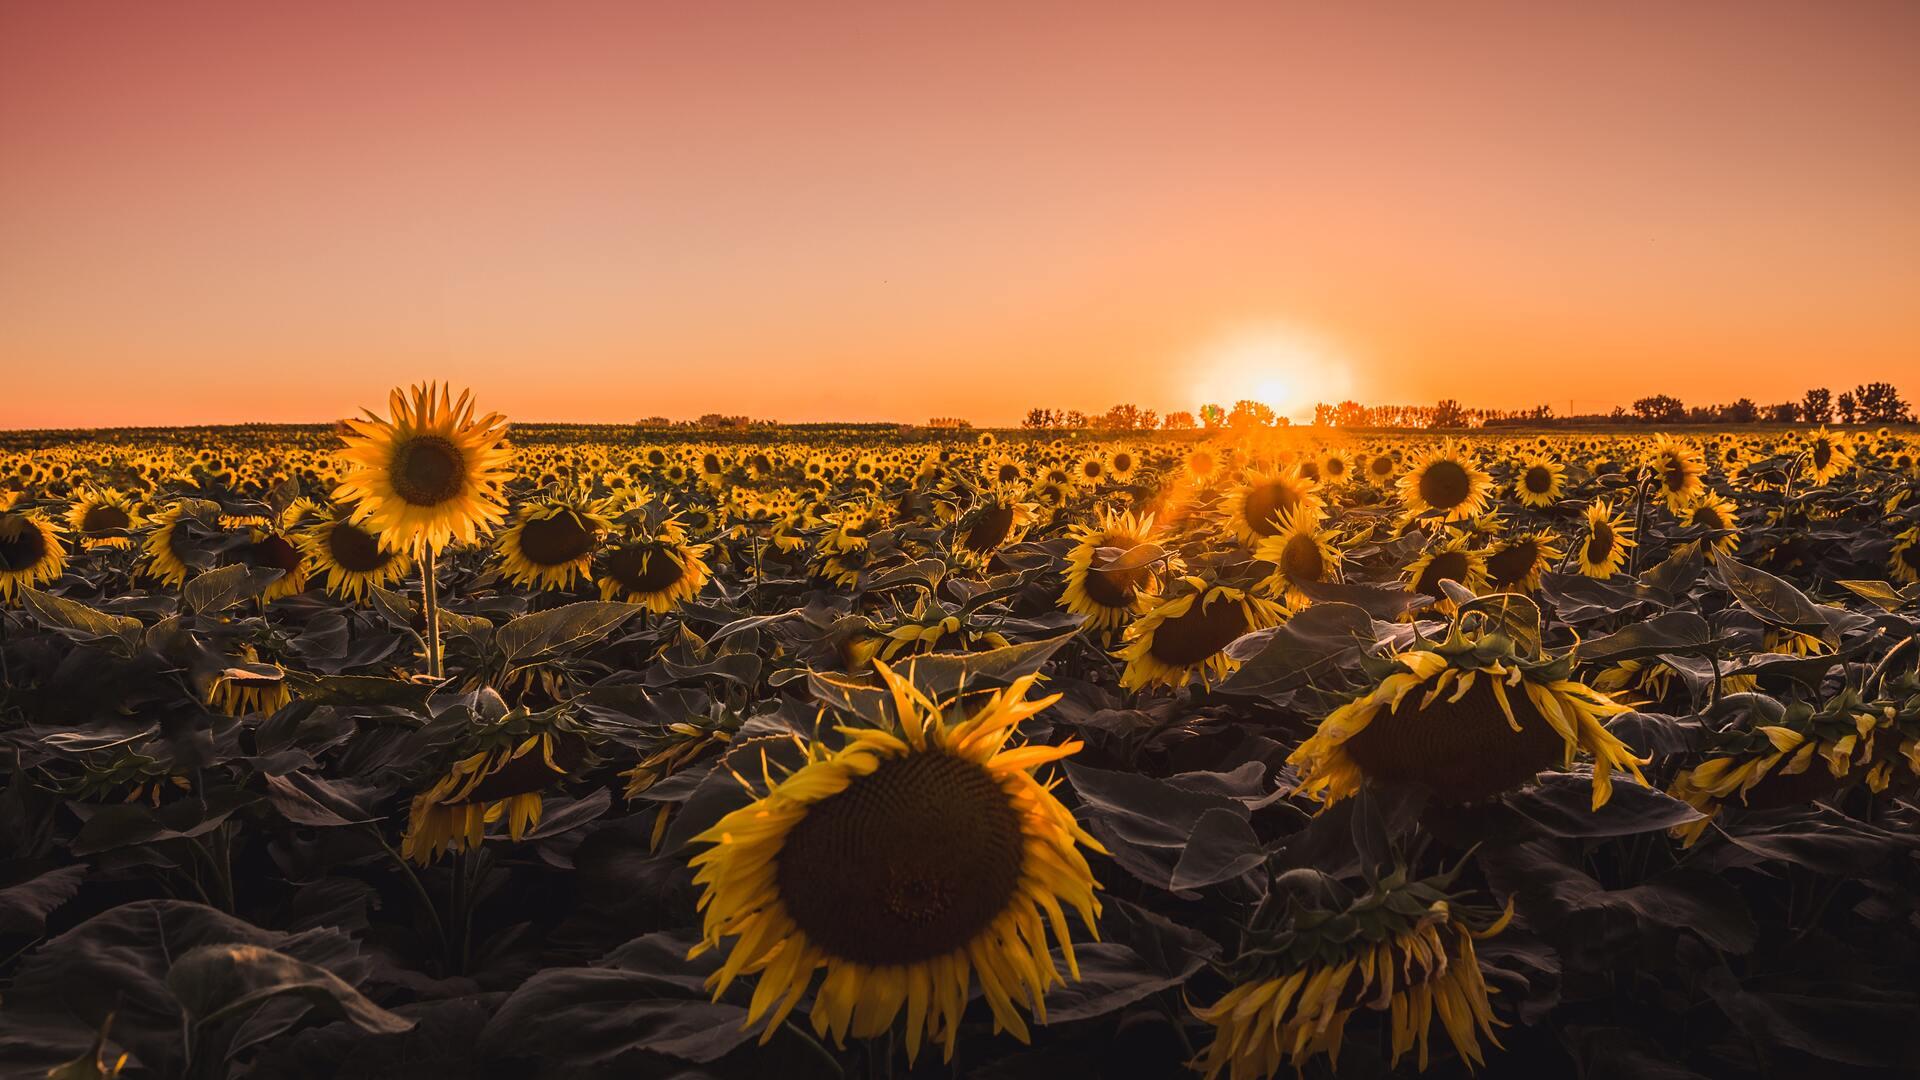 sunflowers-farm-golden-hour-5k-78.jpg